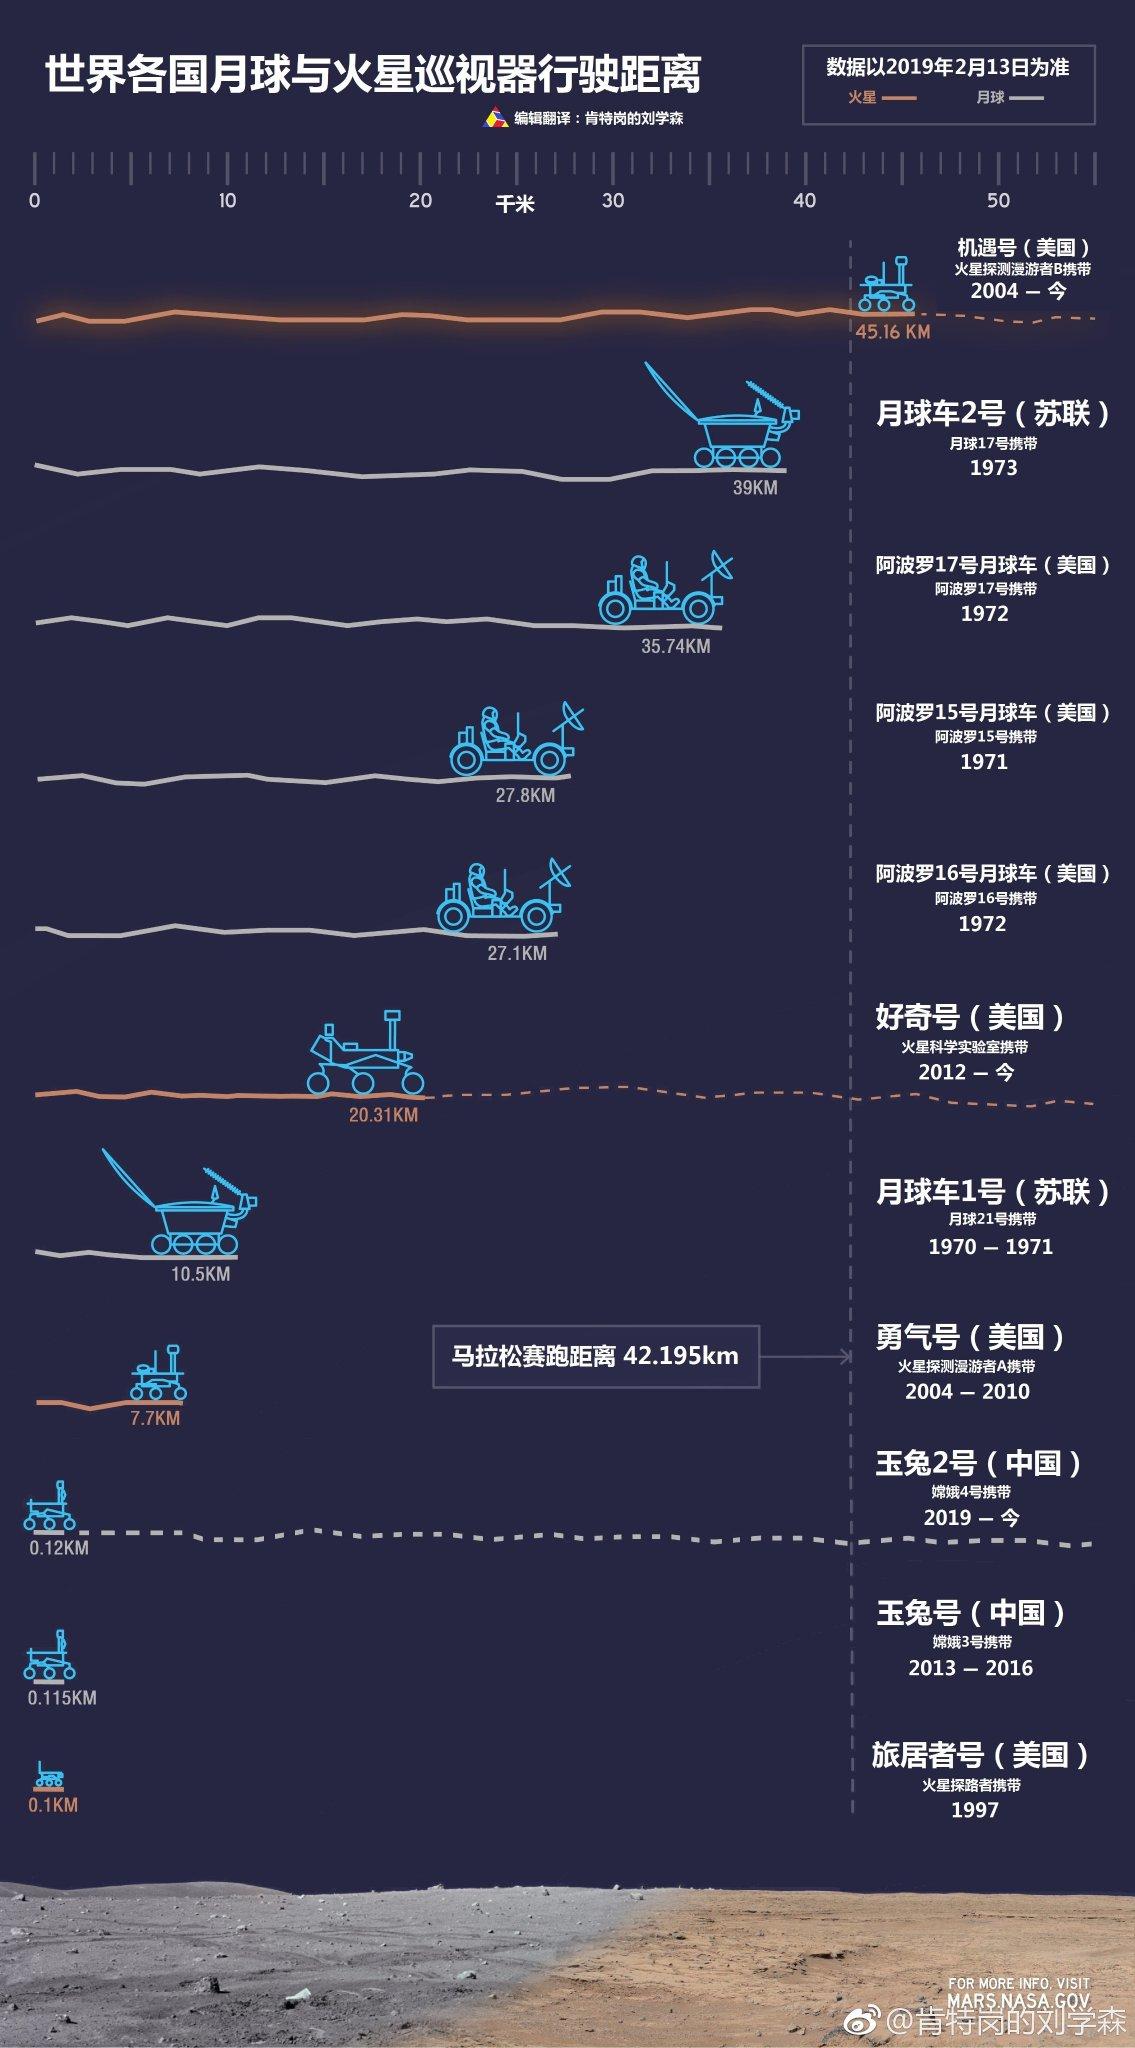 Китайский спускаемый модуль «Чанъэ-4» и ровер «Юйту-2» готовы ко второй ночи на обратной стороне Луны - 5